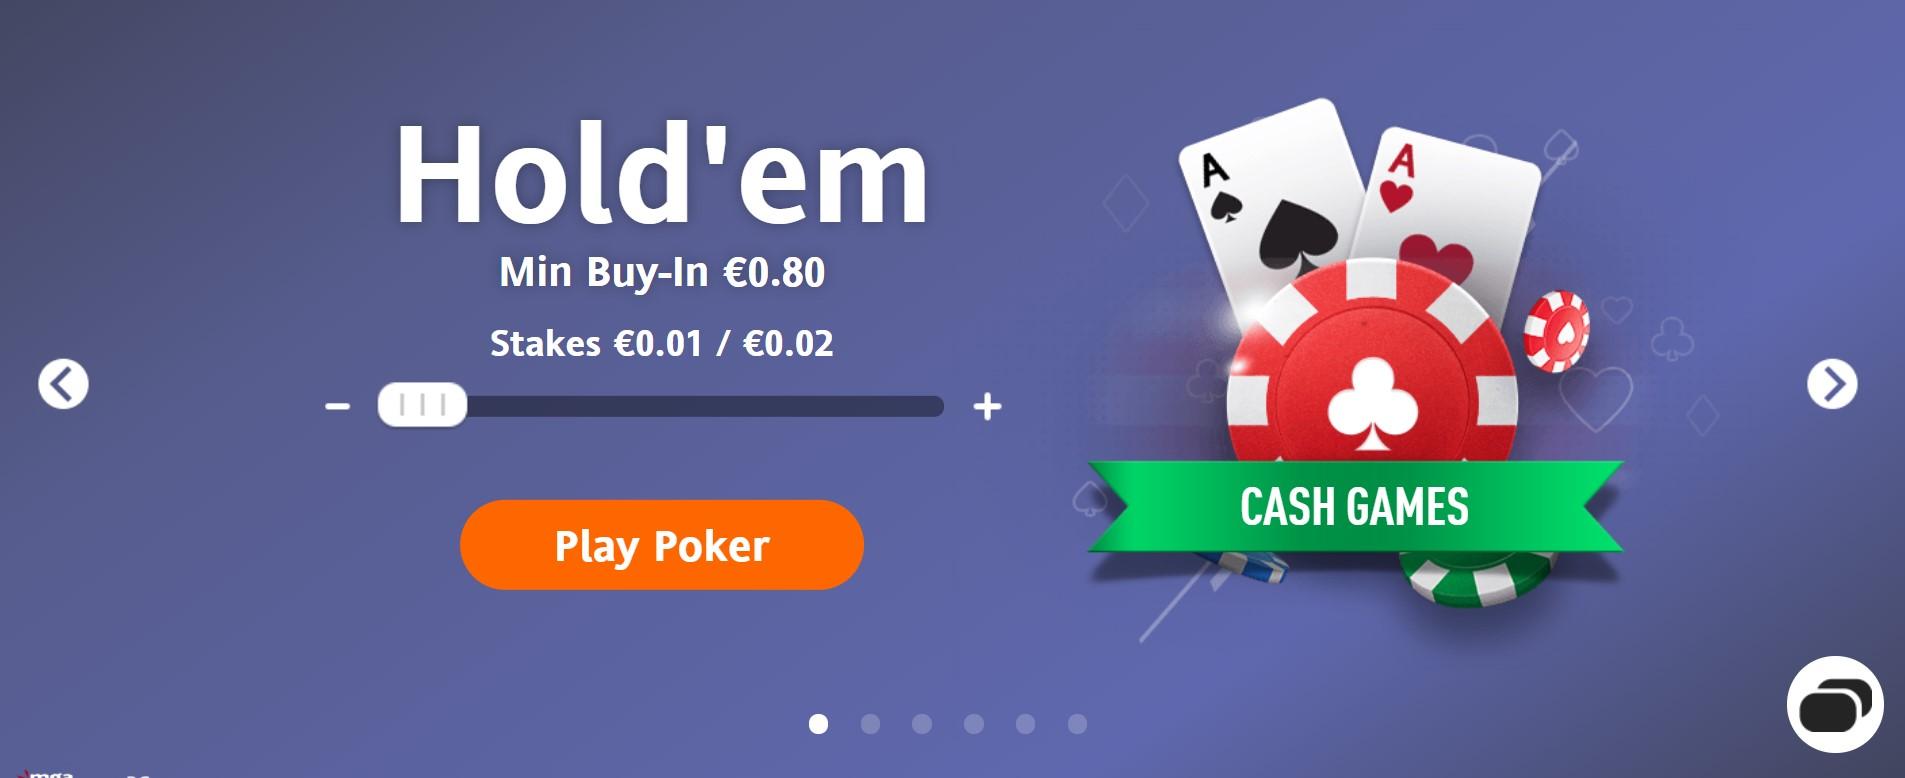 Cash Game Holdem